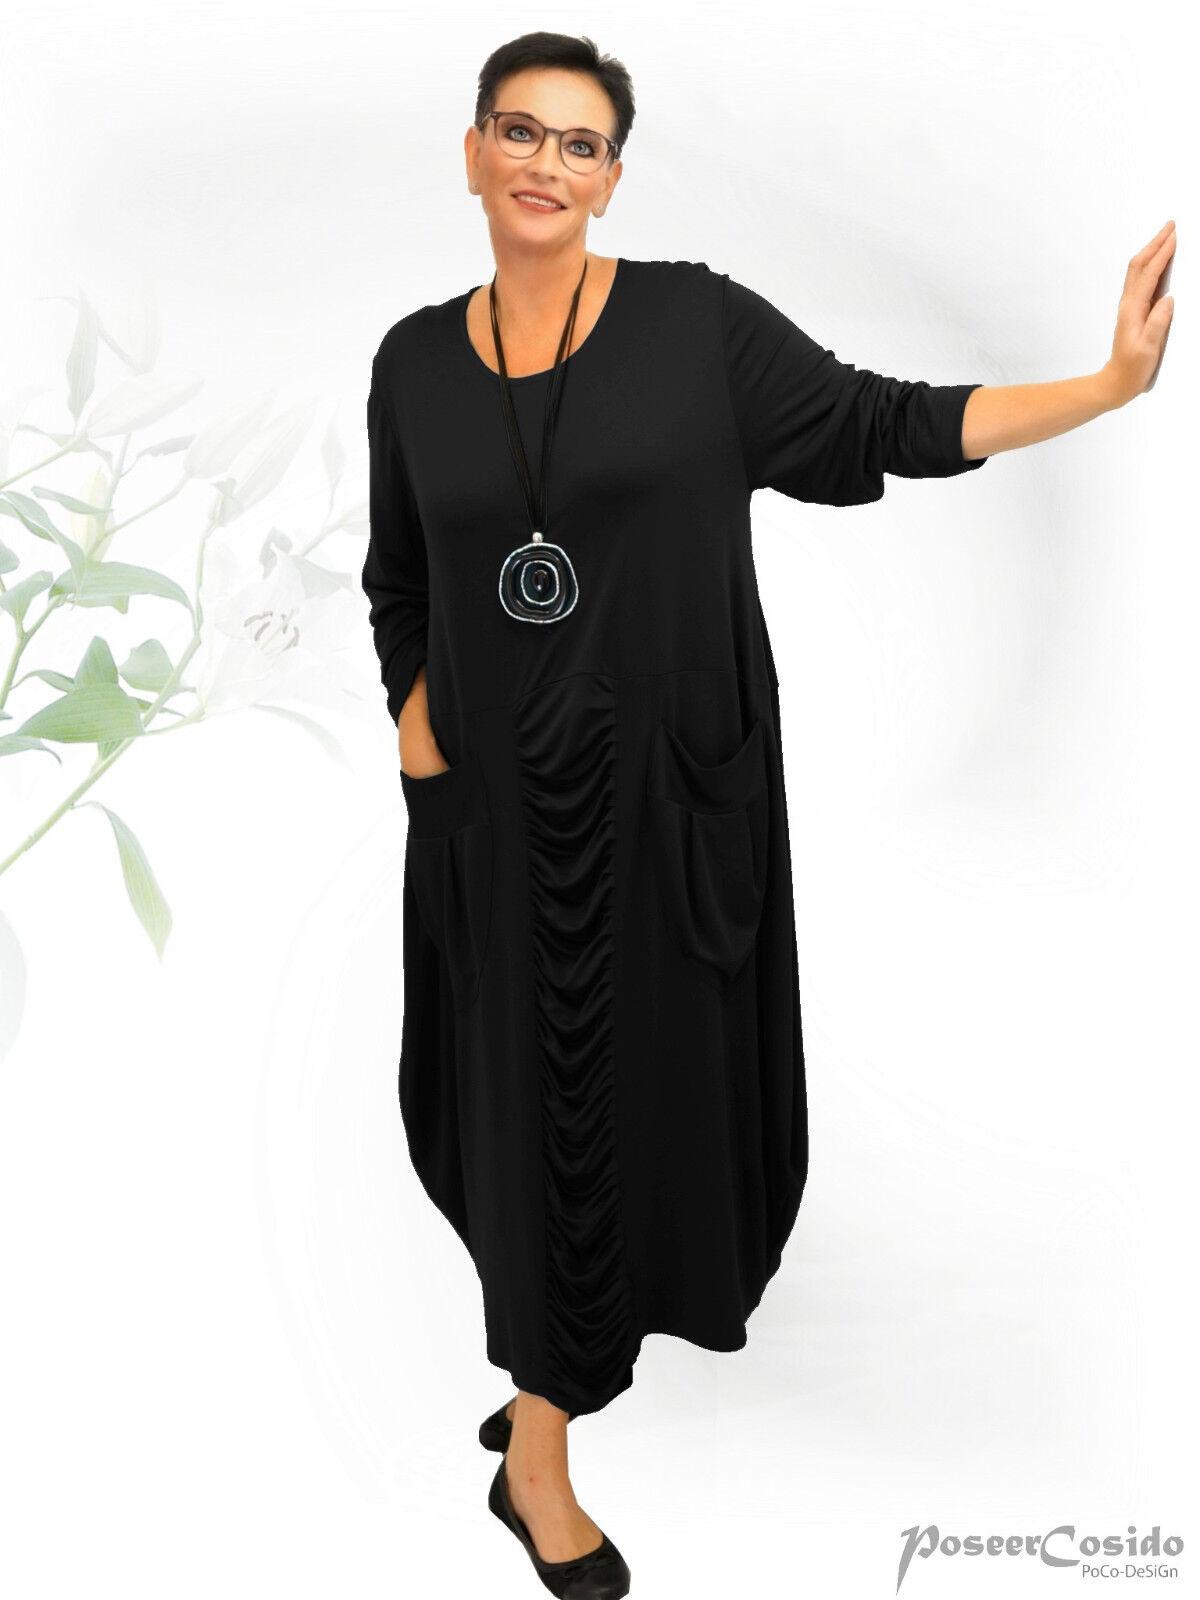 PoCo DeSiGn LAGENLOOK Ballon-Kleid 44 46 48 50 52 54 56 58 L-XL-XXL-XXXL schwarz